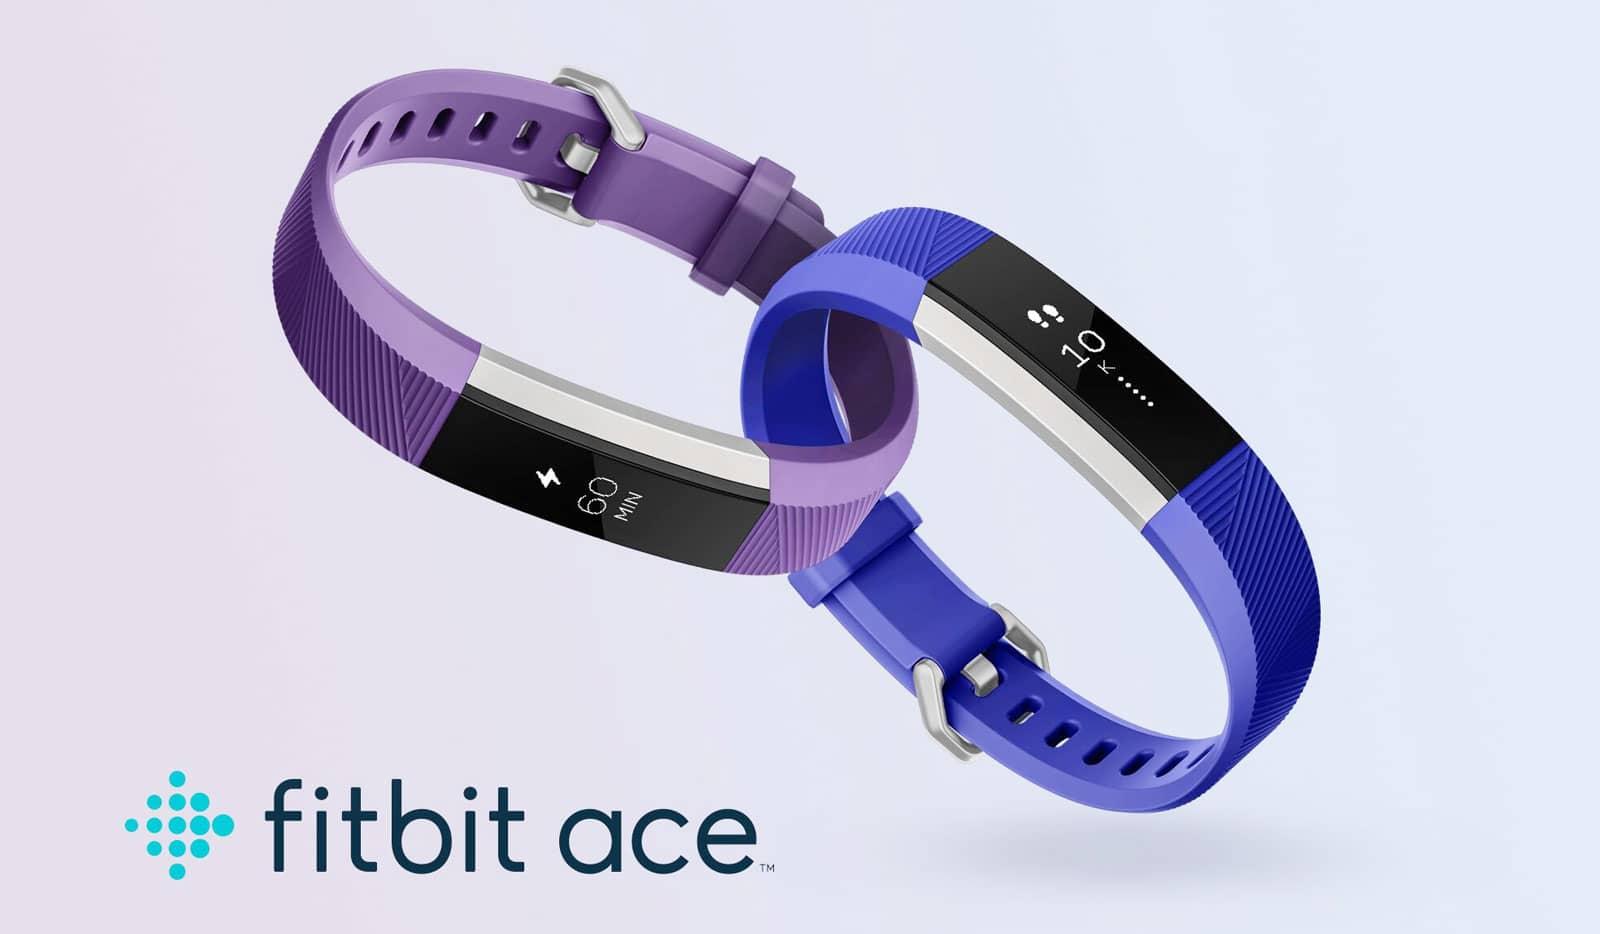 Con el As, los niños finalmente obtienen su propio Fitbit barato